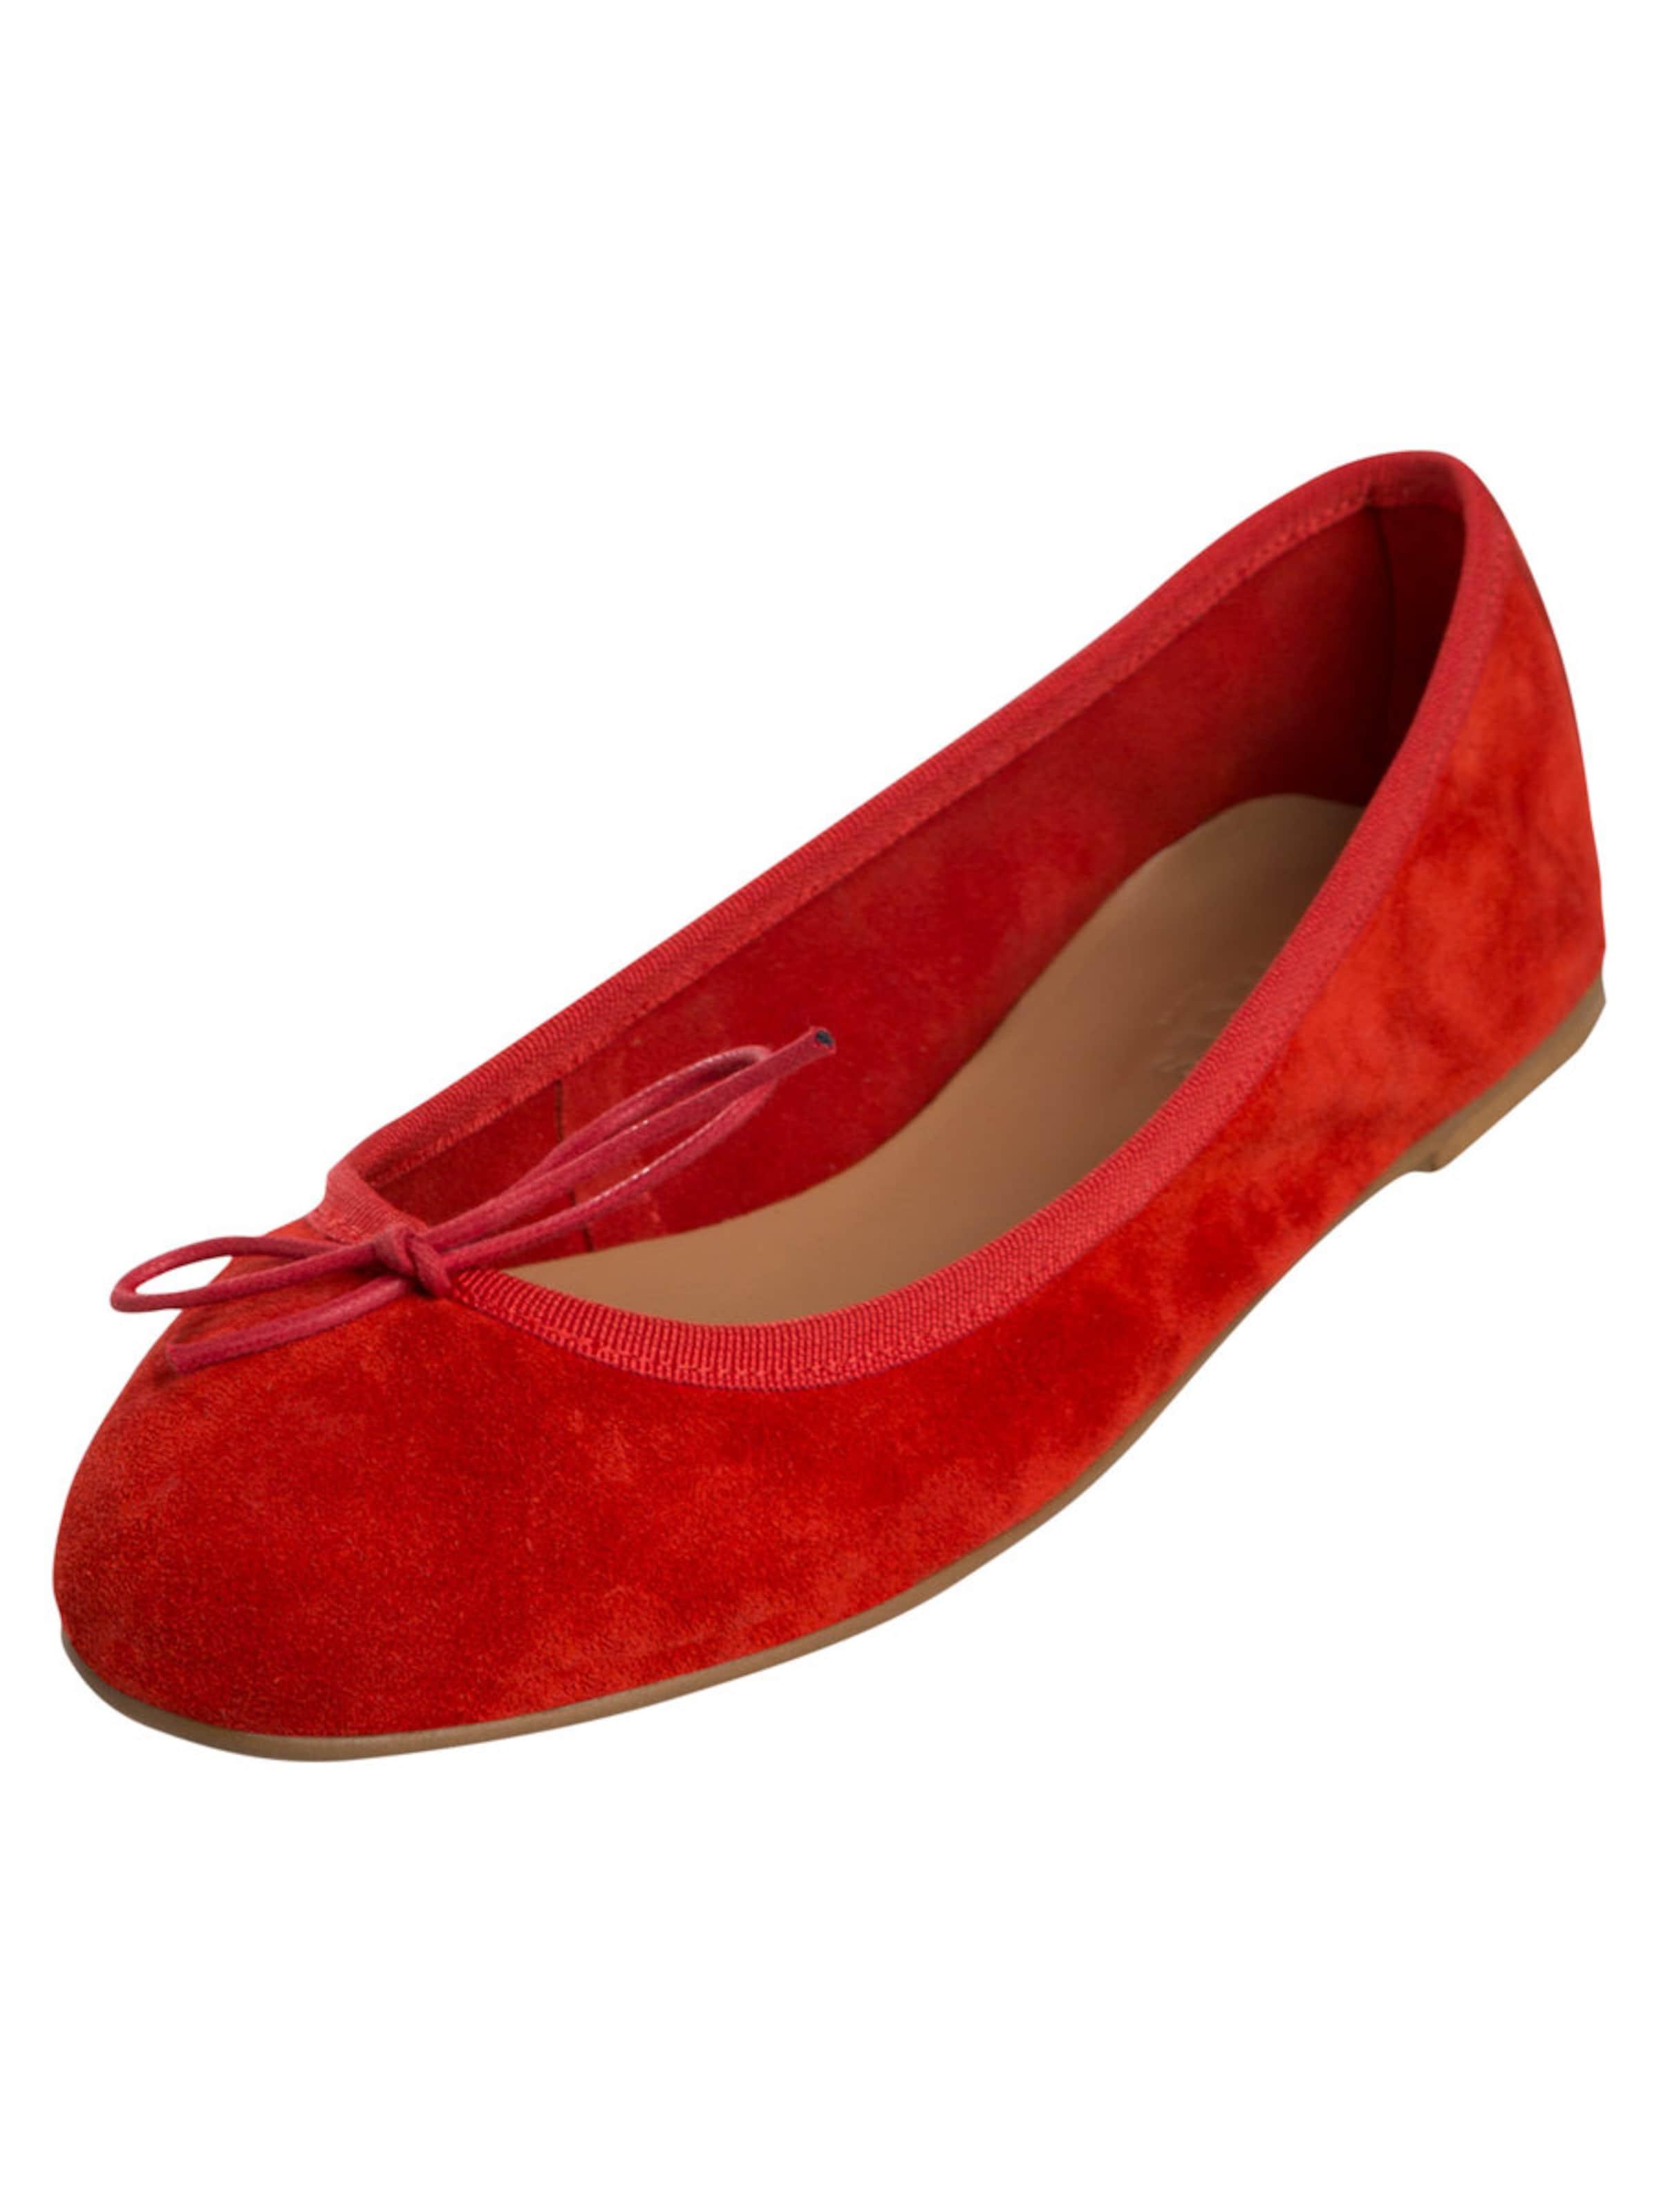 PIECES Wildleder-Ballerinas Verschleißfeste billige Schuhe Hohe Qualität